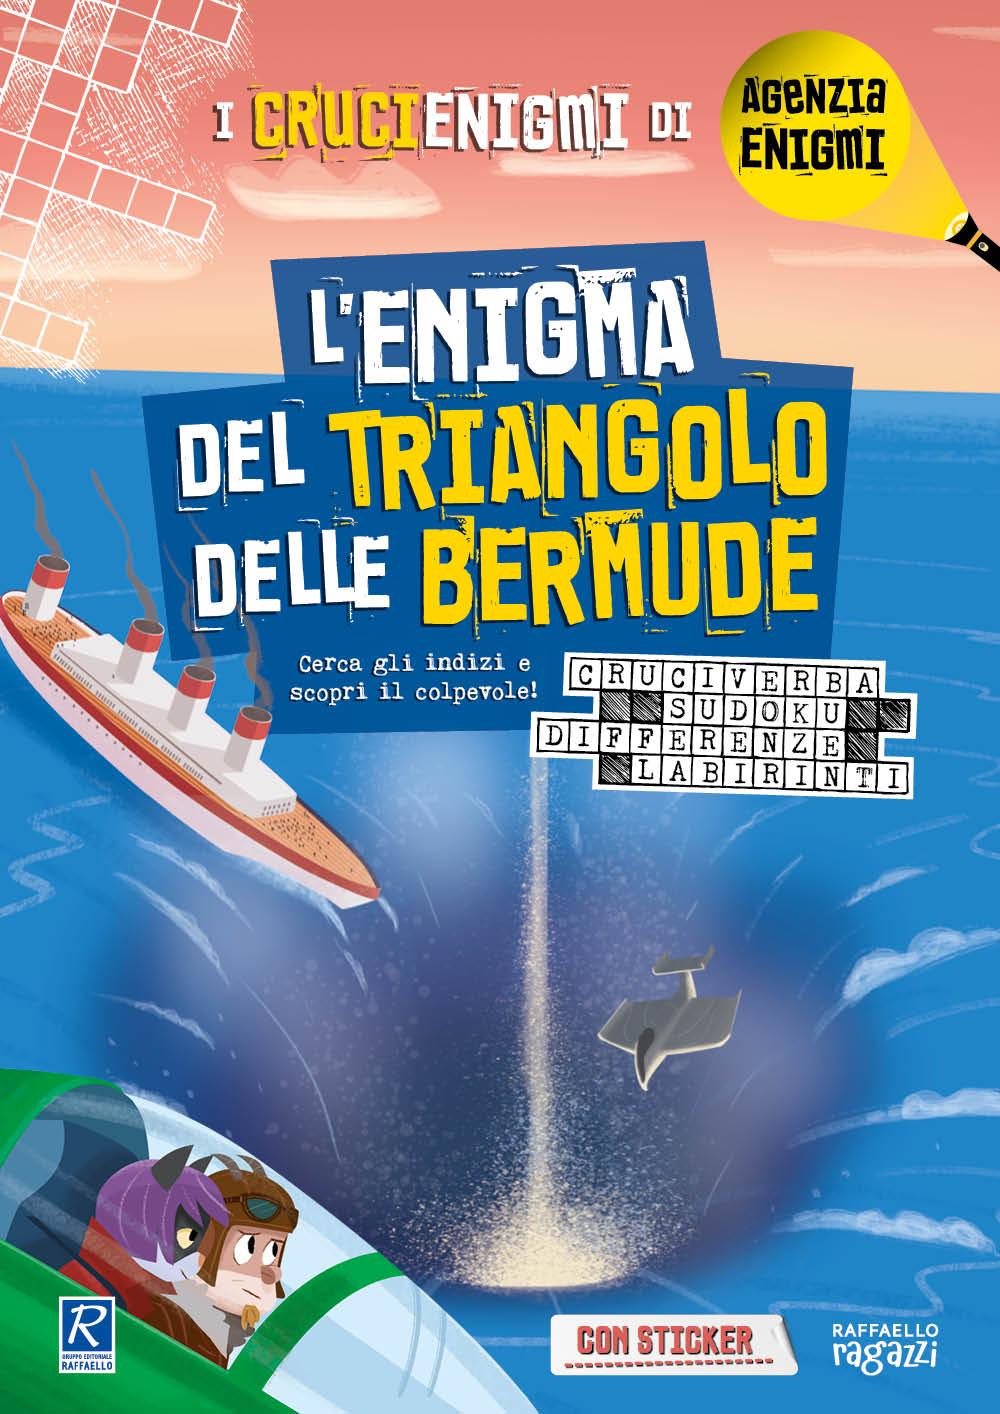 I crucienigmi - L'enigma del triangolo delle Bermude